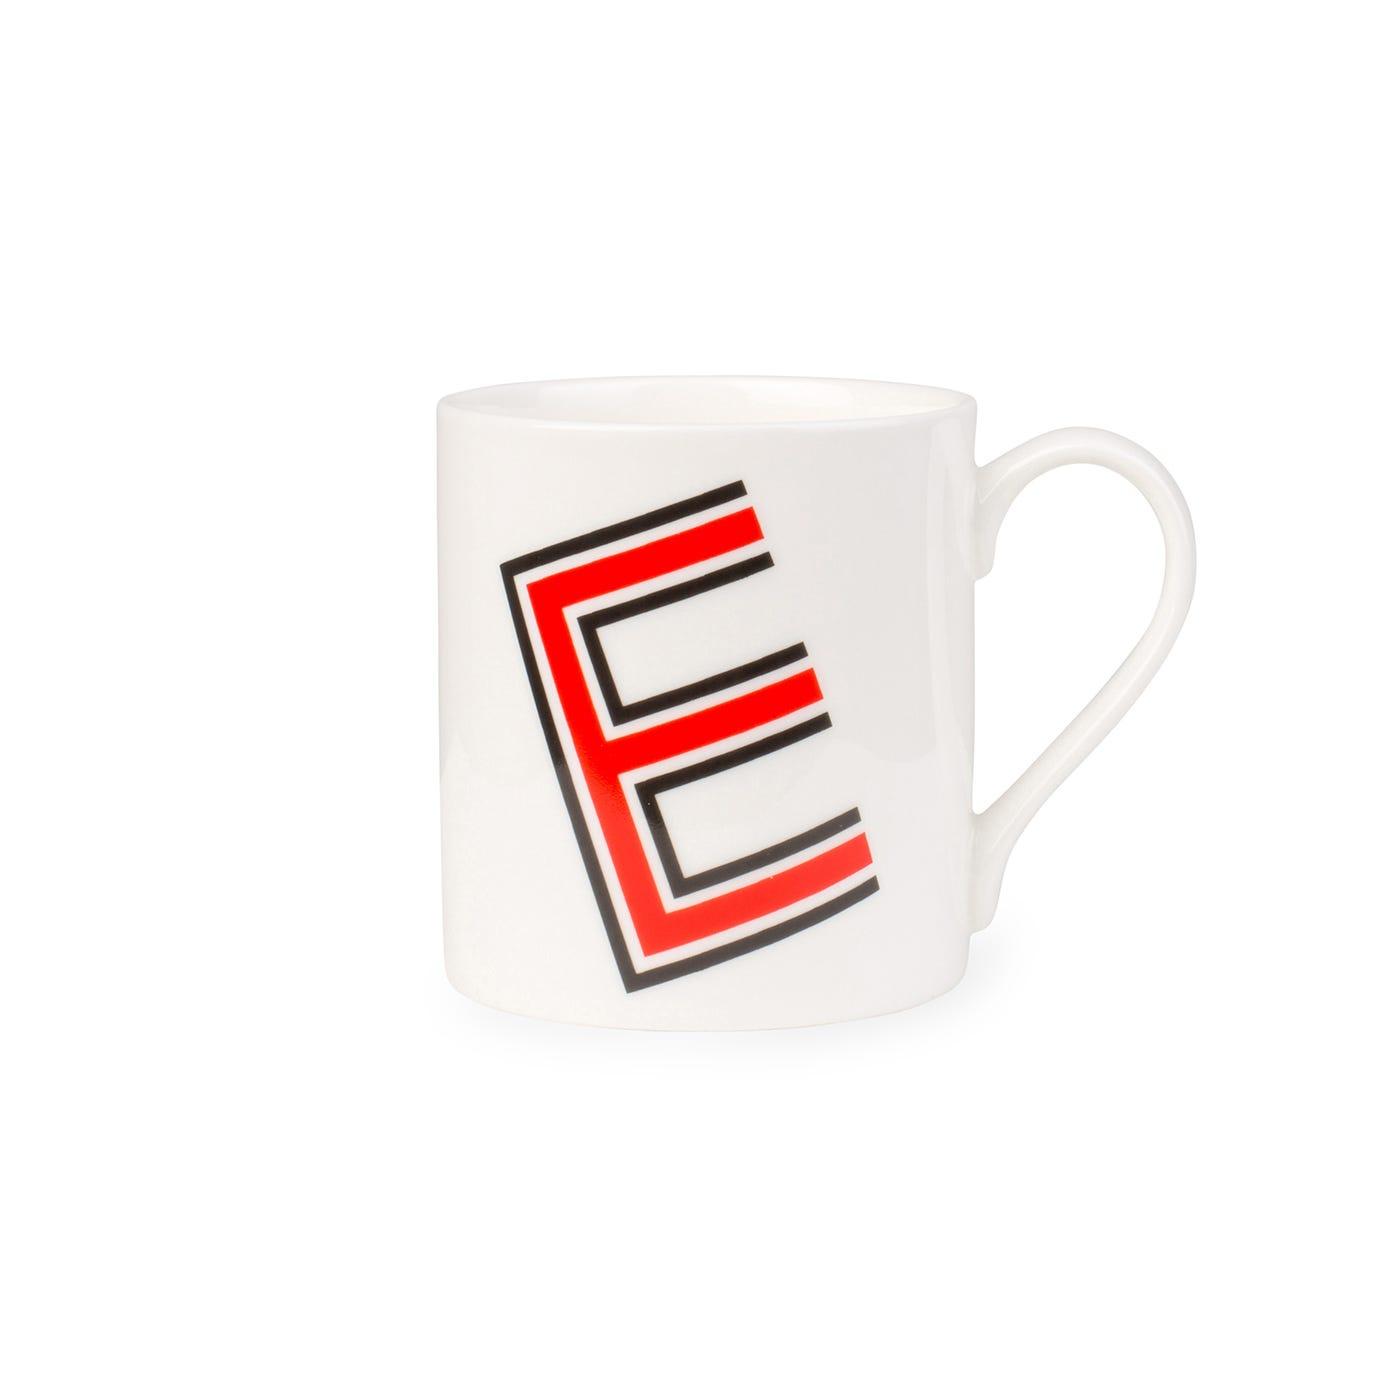 Heal's Heritage Alphabet Mug E